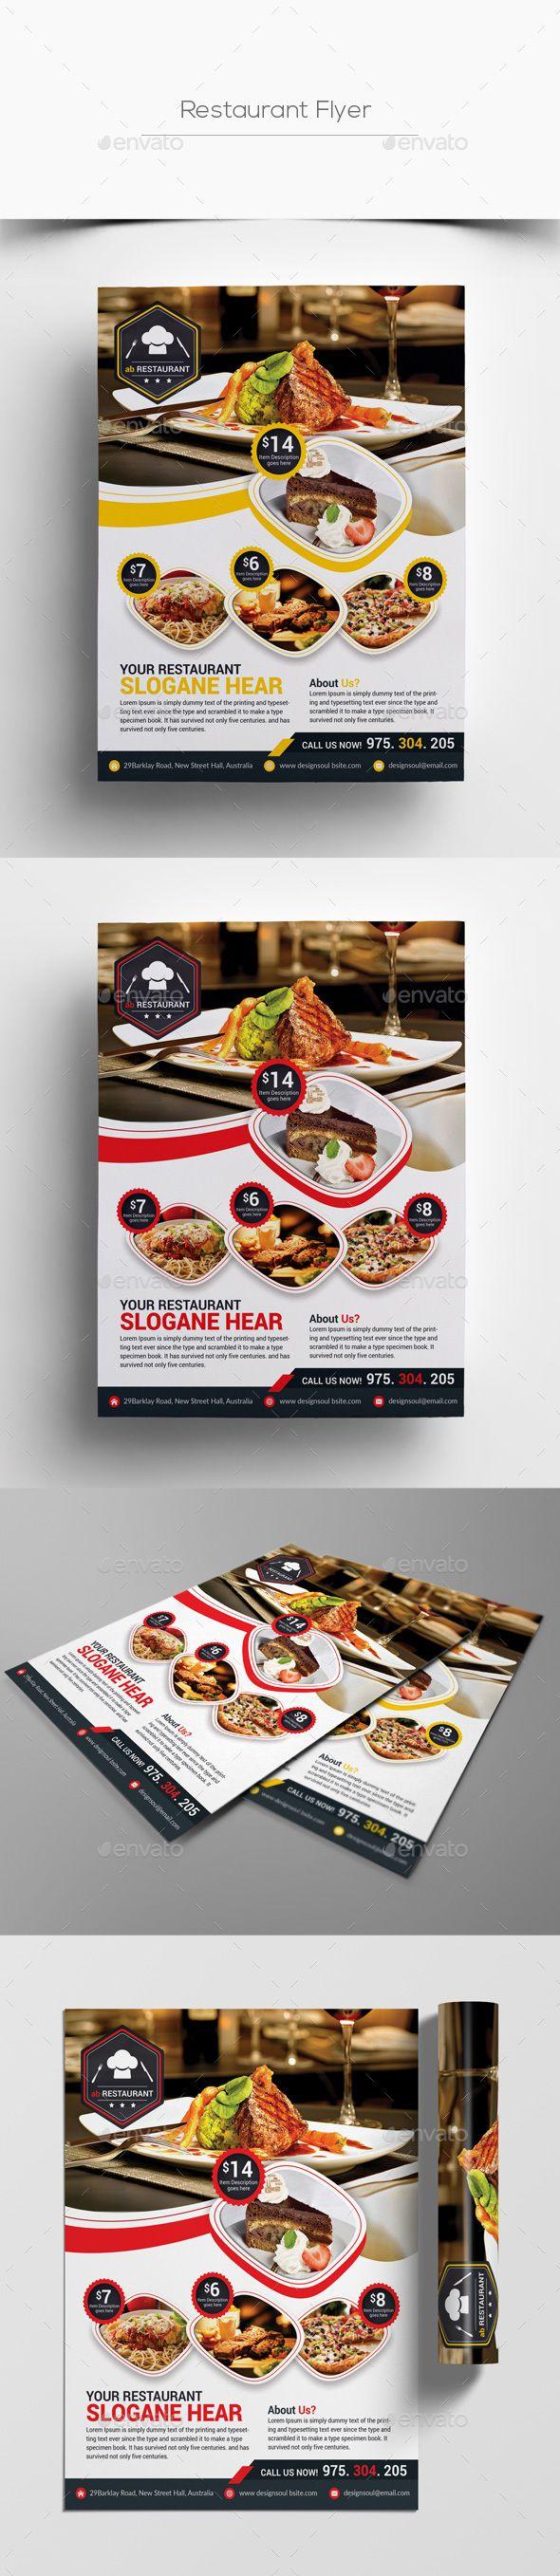 Restaurant Flyer Template PSD. Download here: https://graphicriver.net/item/restaurant-flyer/17460826?ref=ksioks